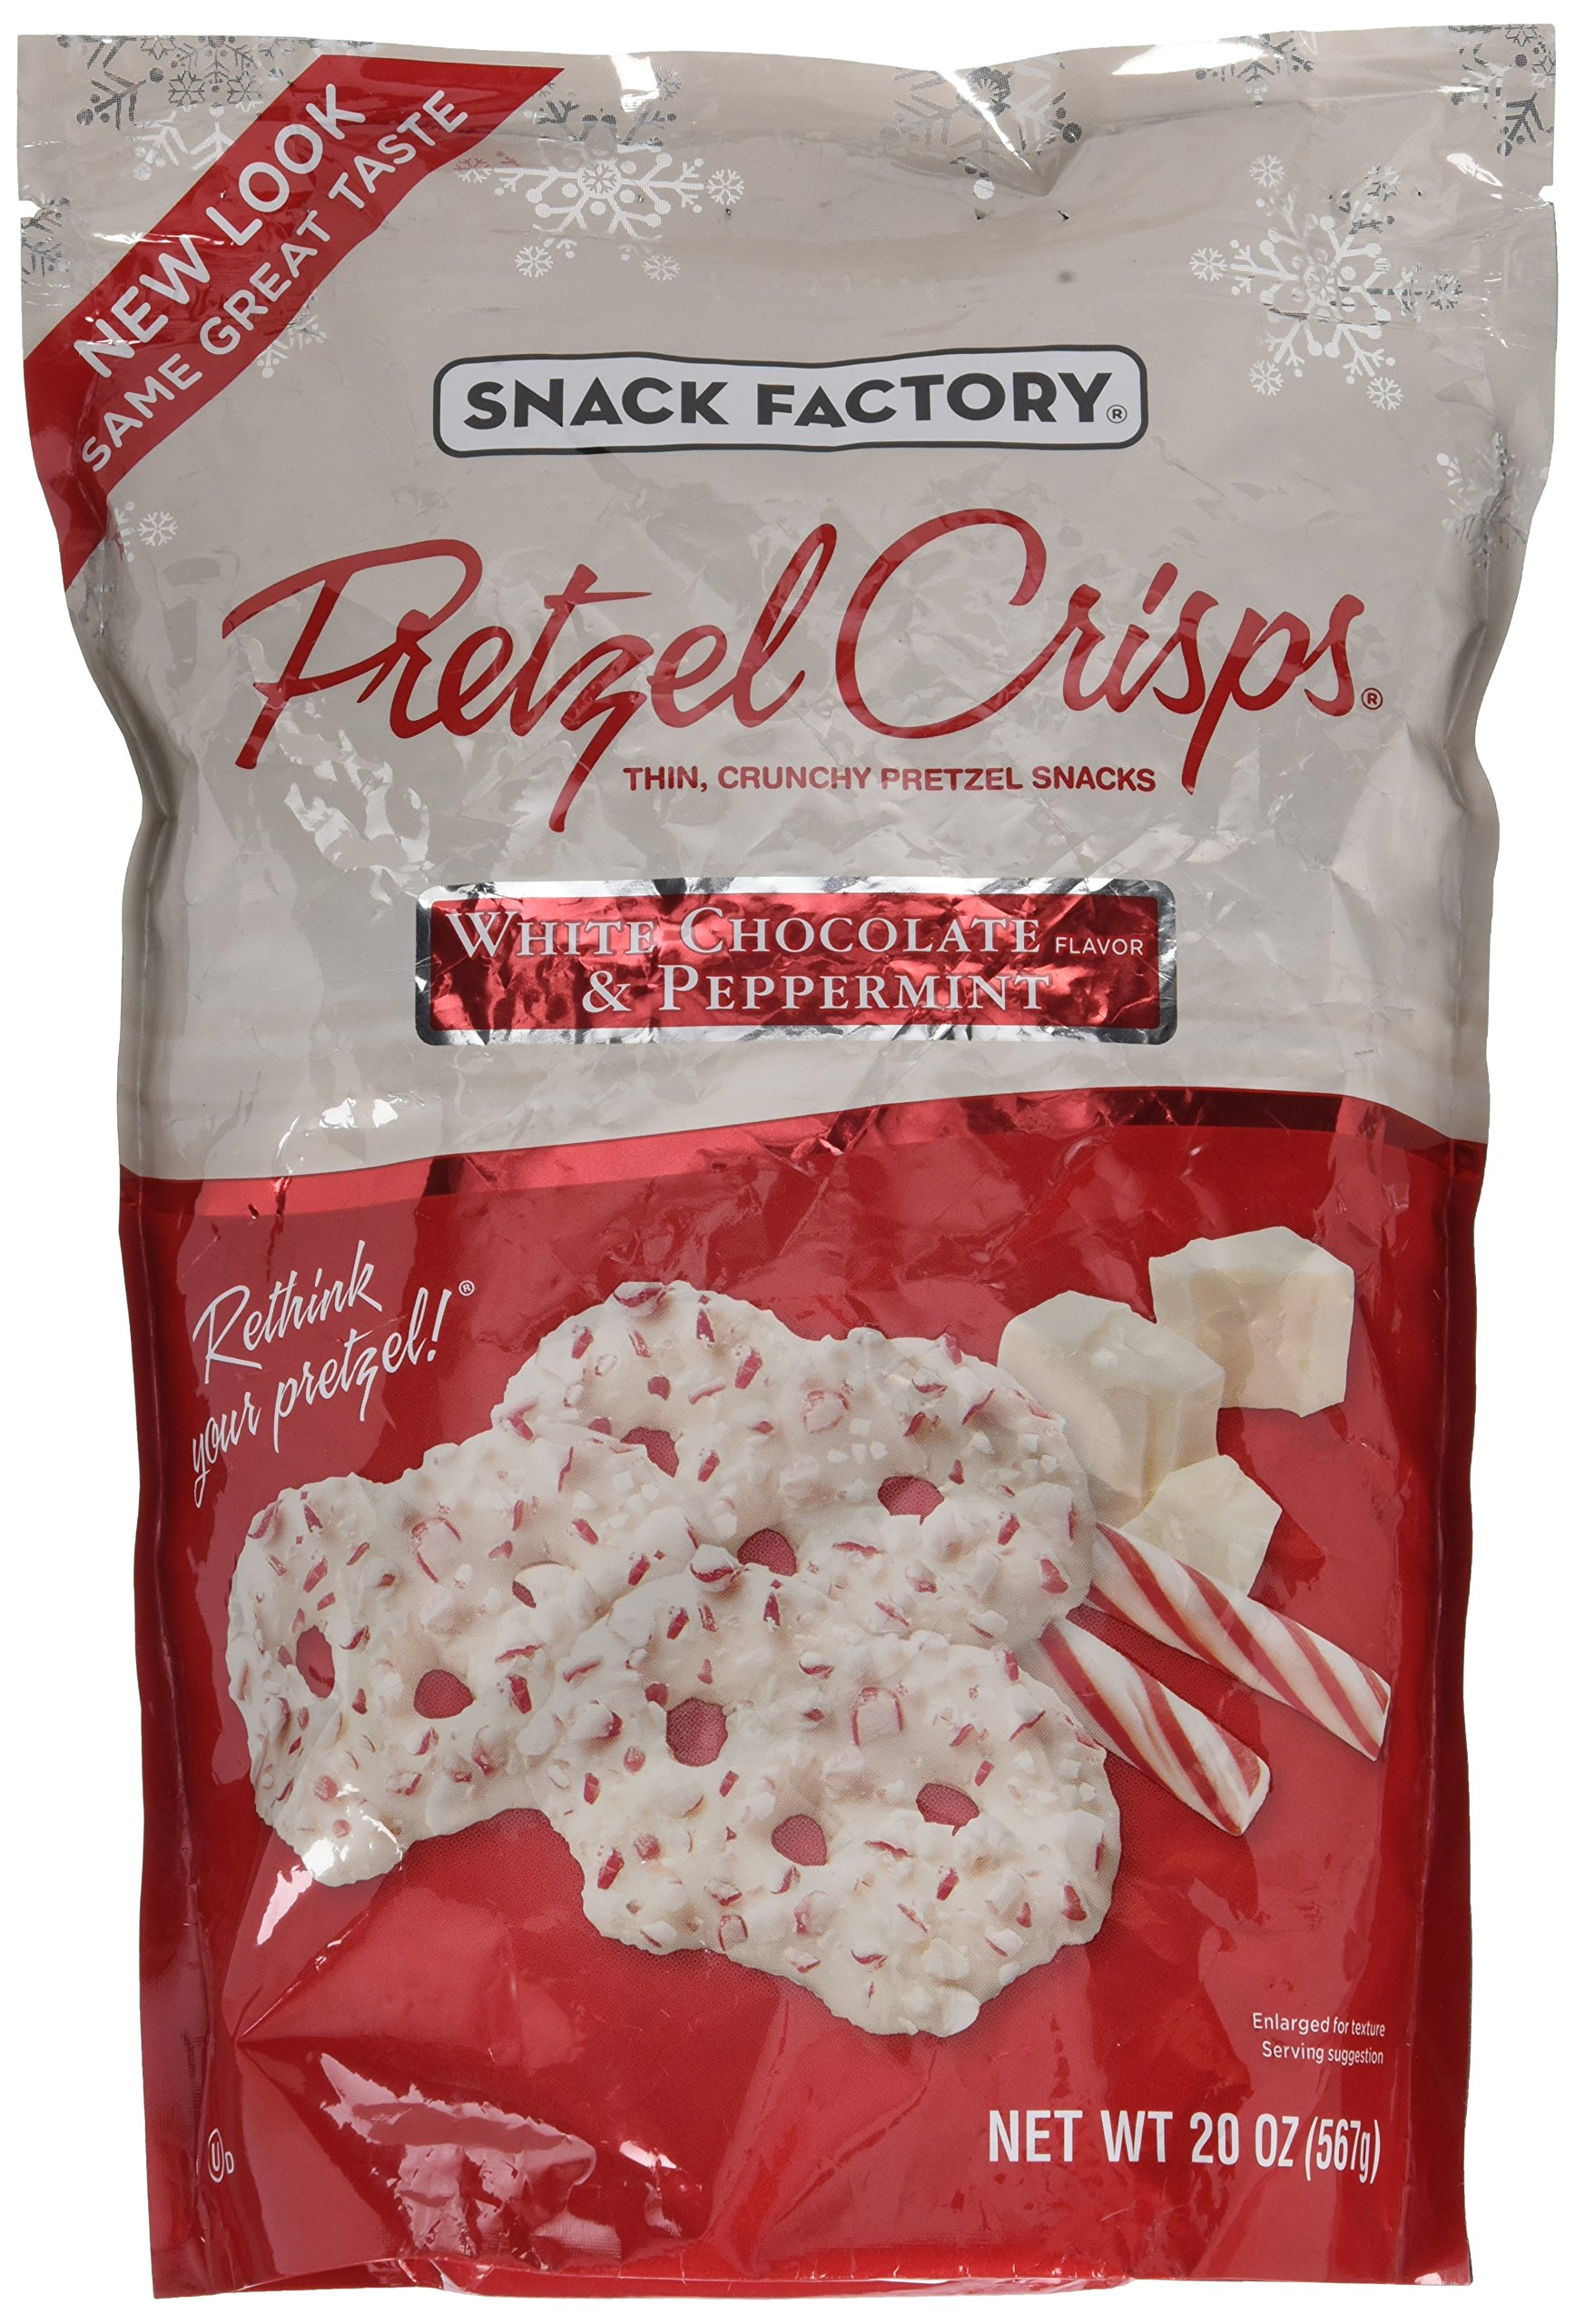 Snack Factory Pretzel Crisps White Chocolate Peppermint Flavor